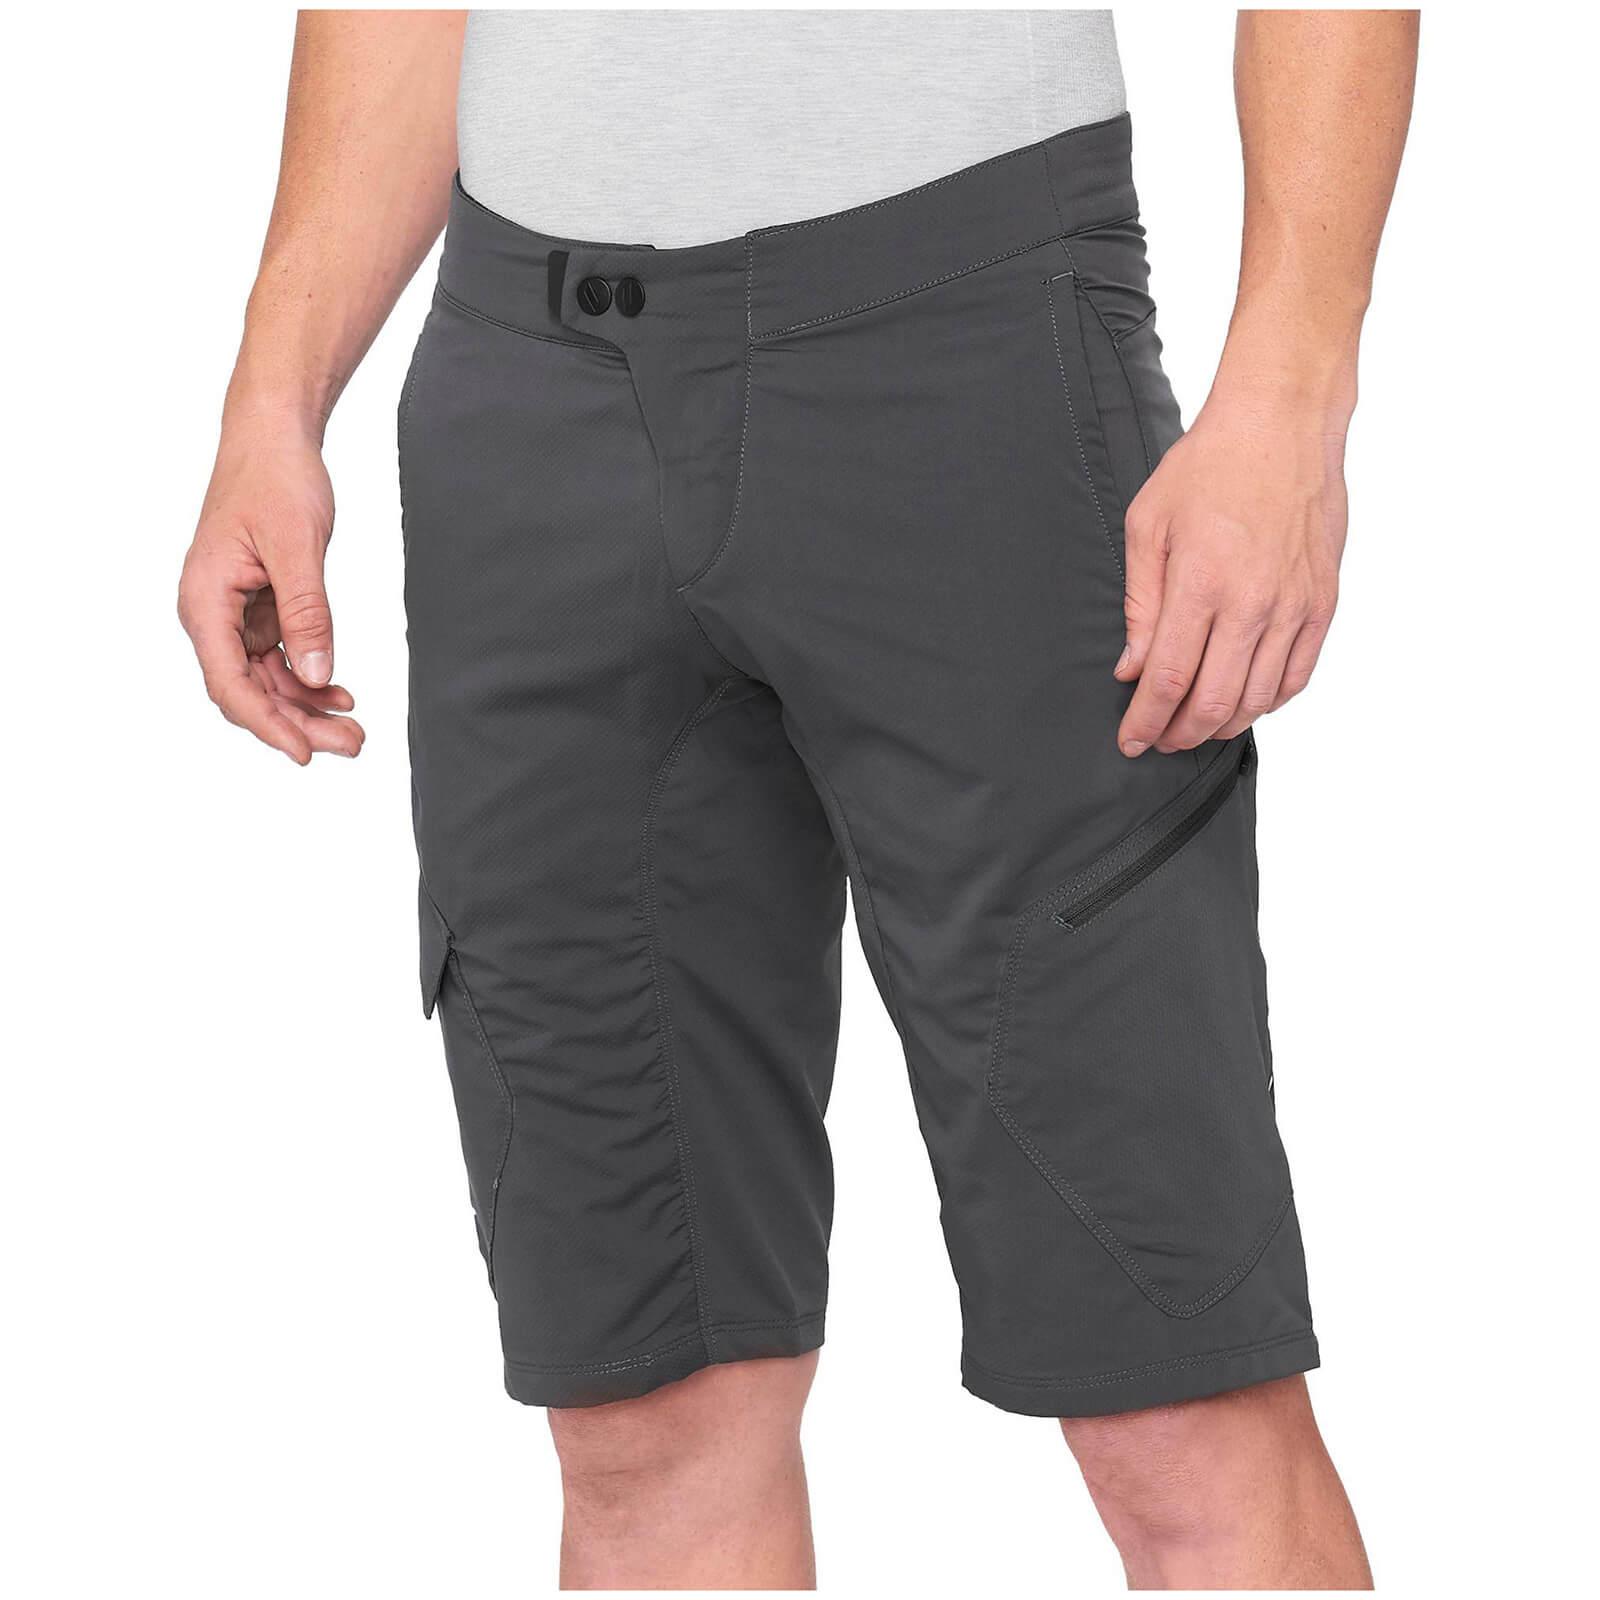 100% Ridecamp Mtb Shorts - 32 - Charcoal